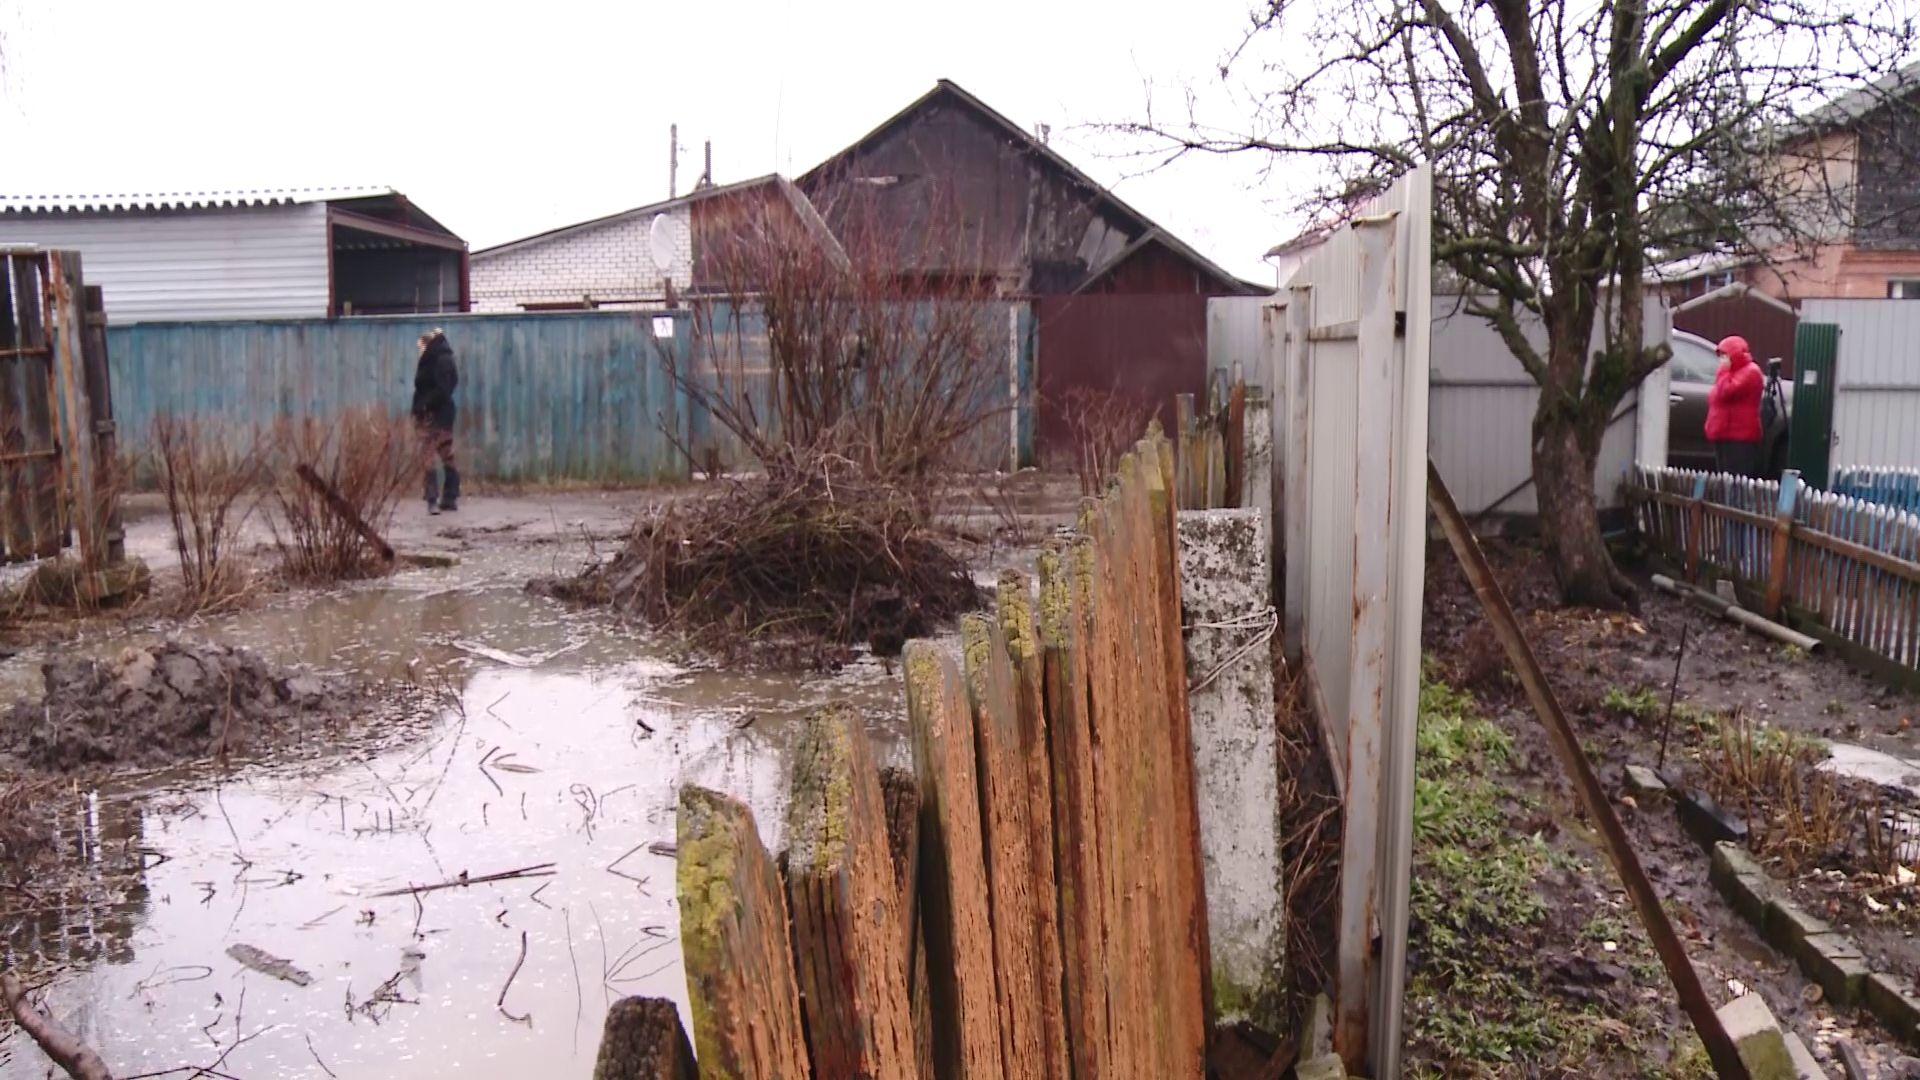 Дом ярославны-ветерана вновь затопило: как будут решать проблему